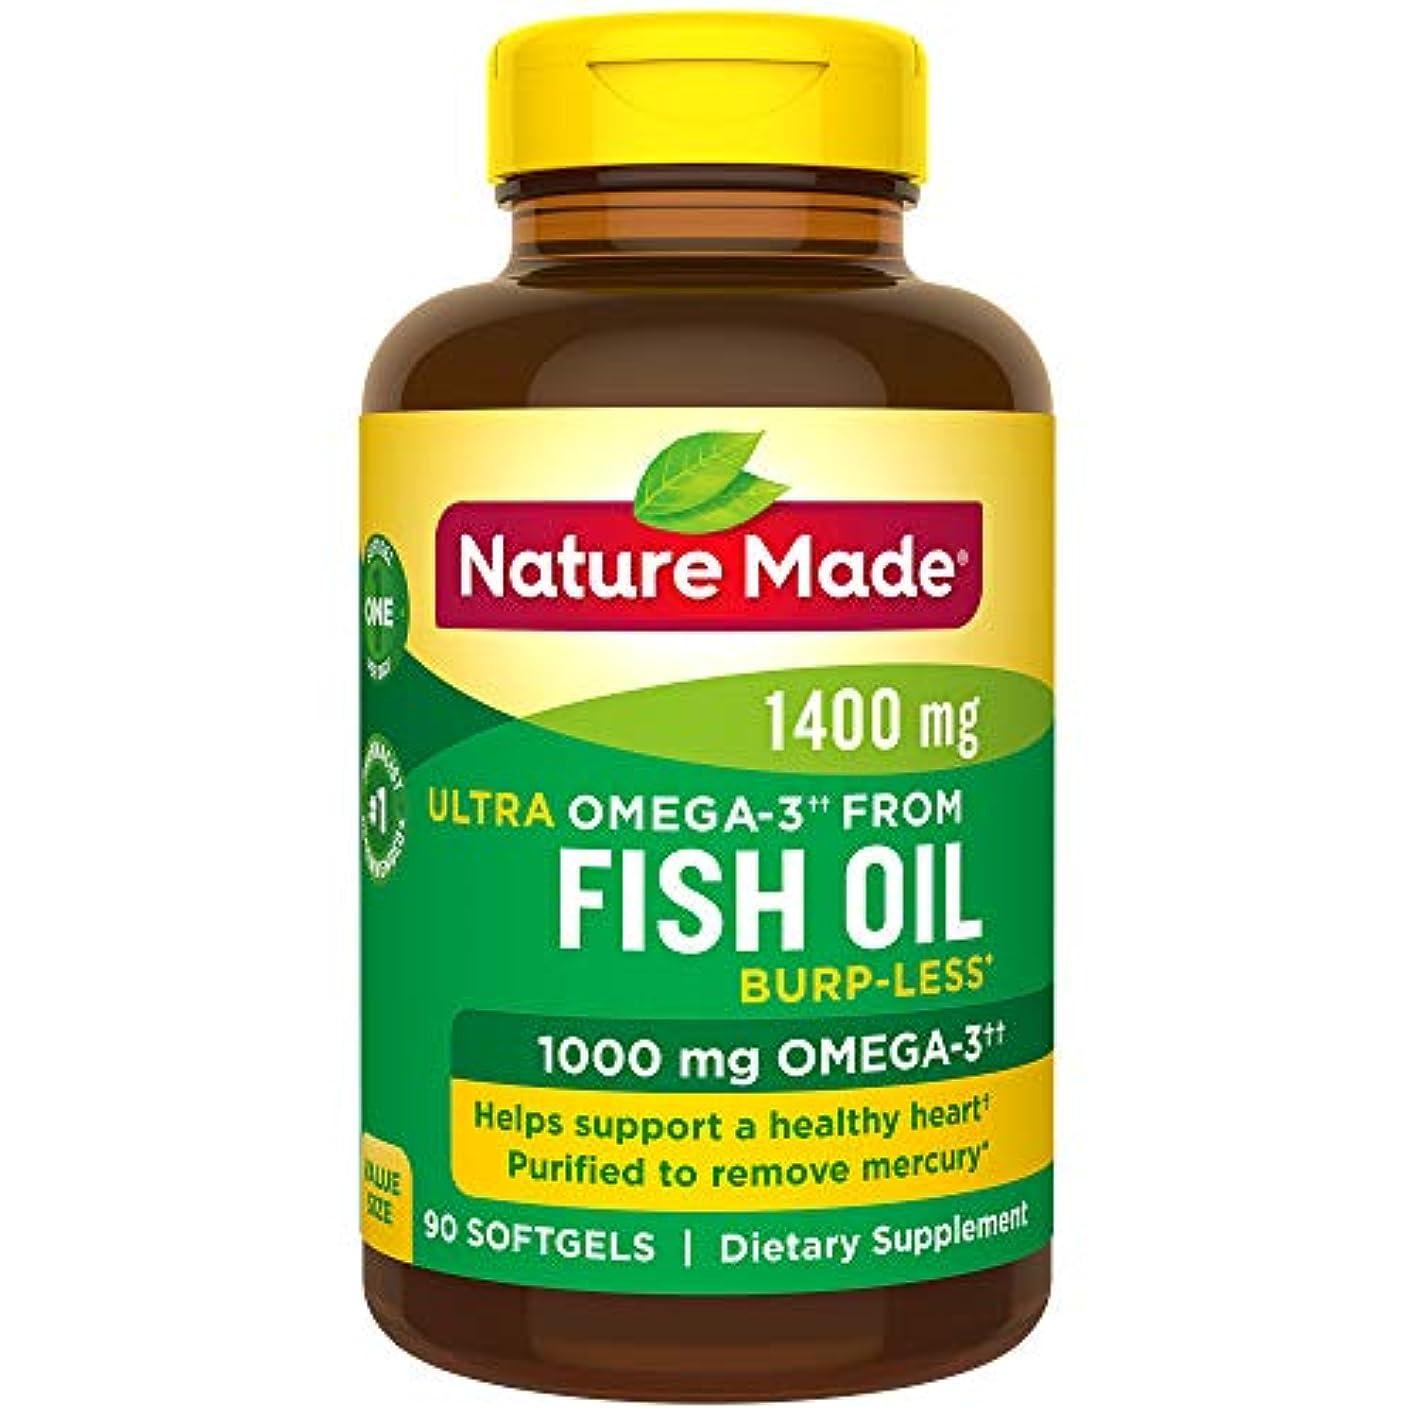 週間誇張する怒りNature Made Ultra Omega-3 Fish Oil Value Size Softgel, 1400 mg, 90 Count 海外直送品